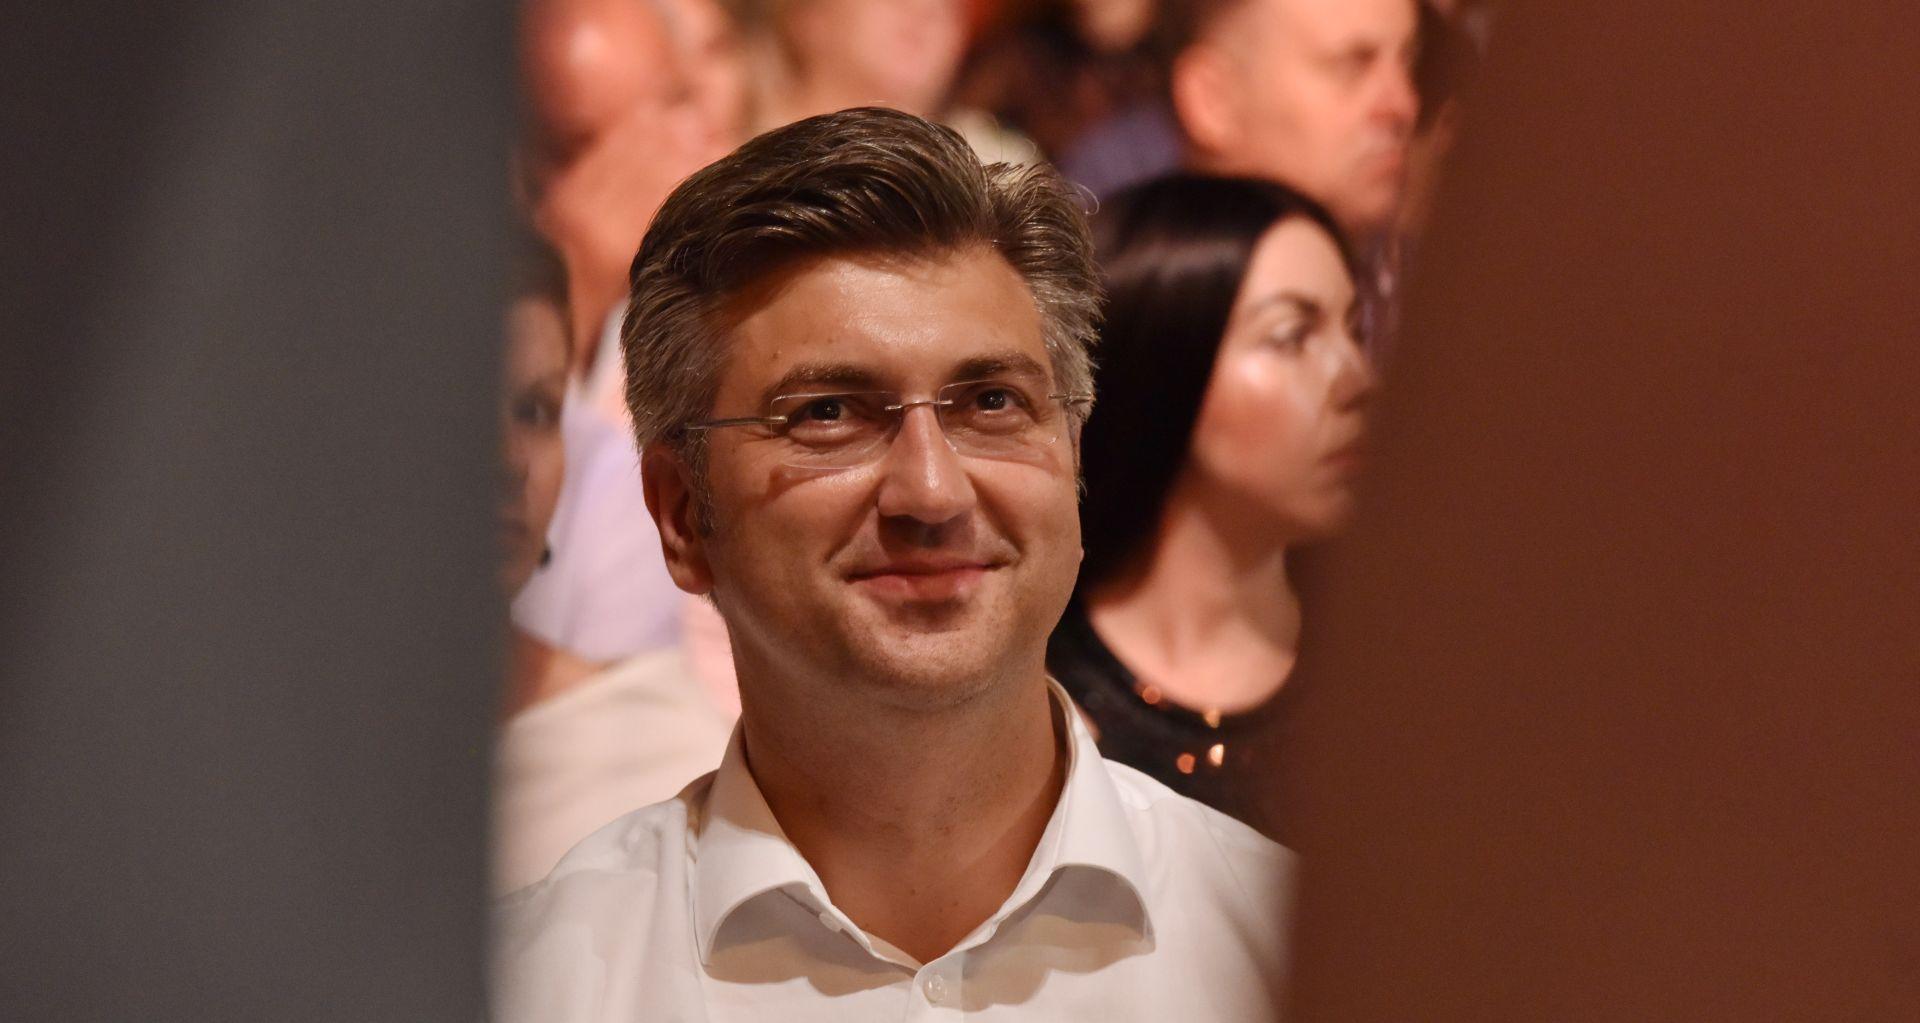 INCIDENT U GLINI Plenković se ispričao zbog Hrgovićevog ponašanja i zatražio unutarstranačku istragu